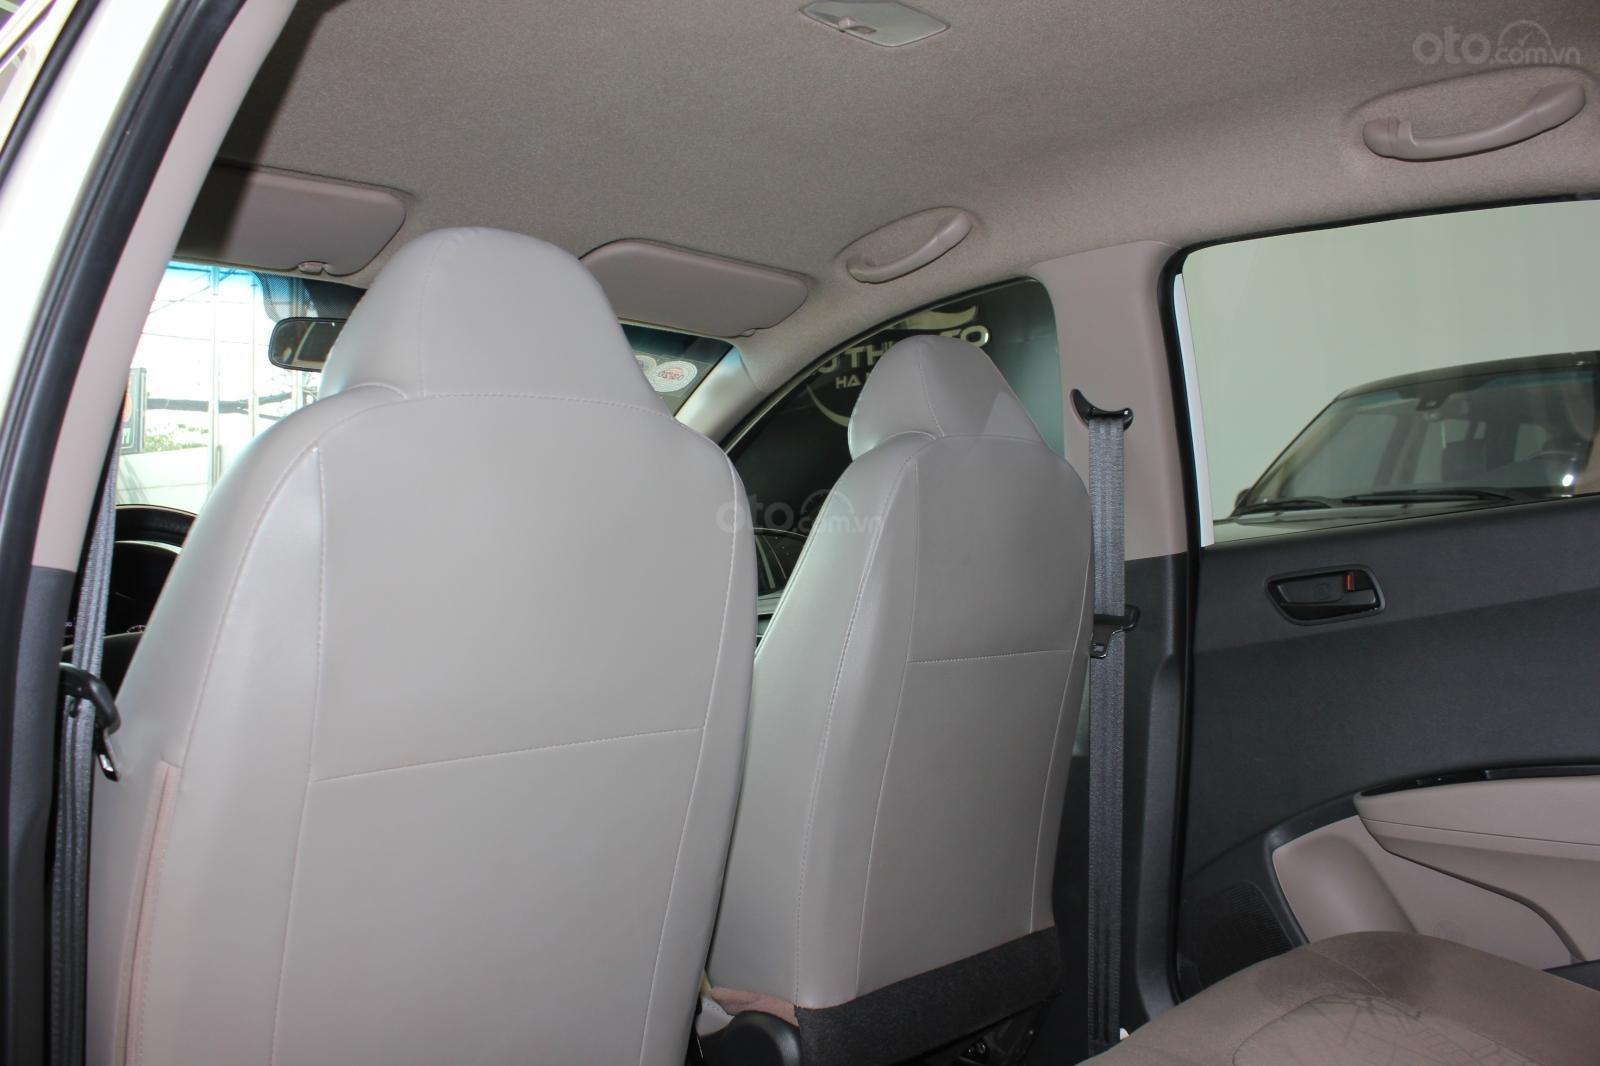 Cần bán xe Hyundai Grand i10 1.2 MT, năm 2018, màu trắng, giá 335tr (13)